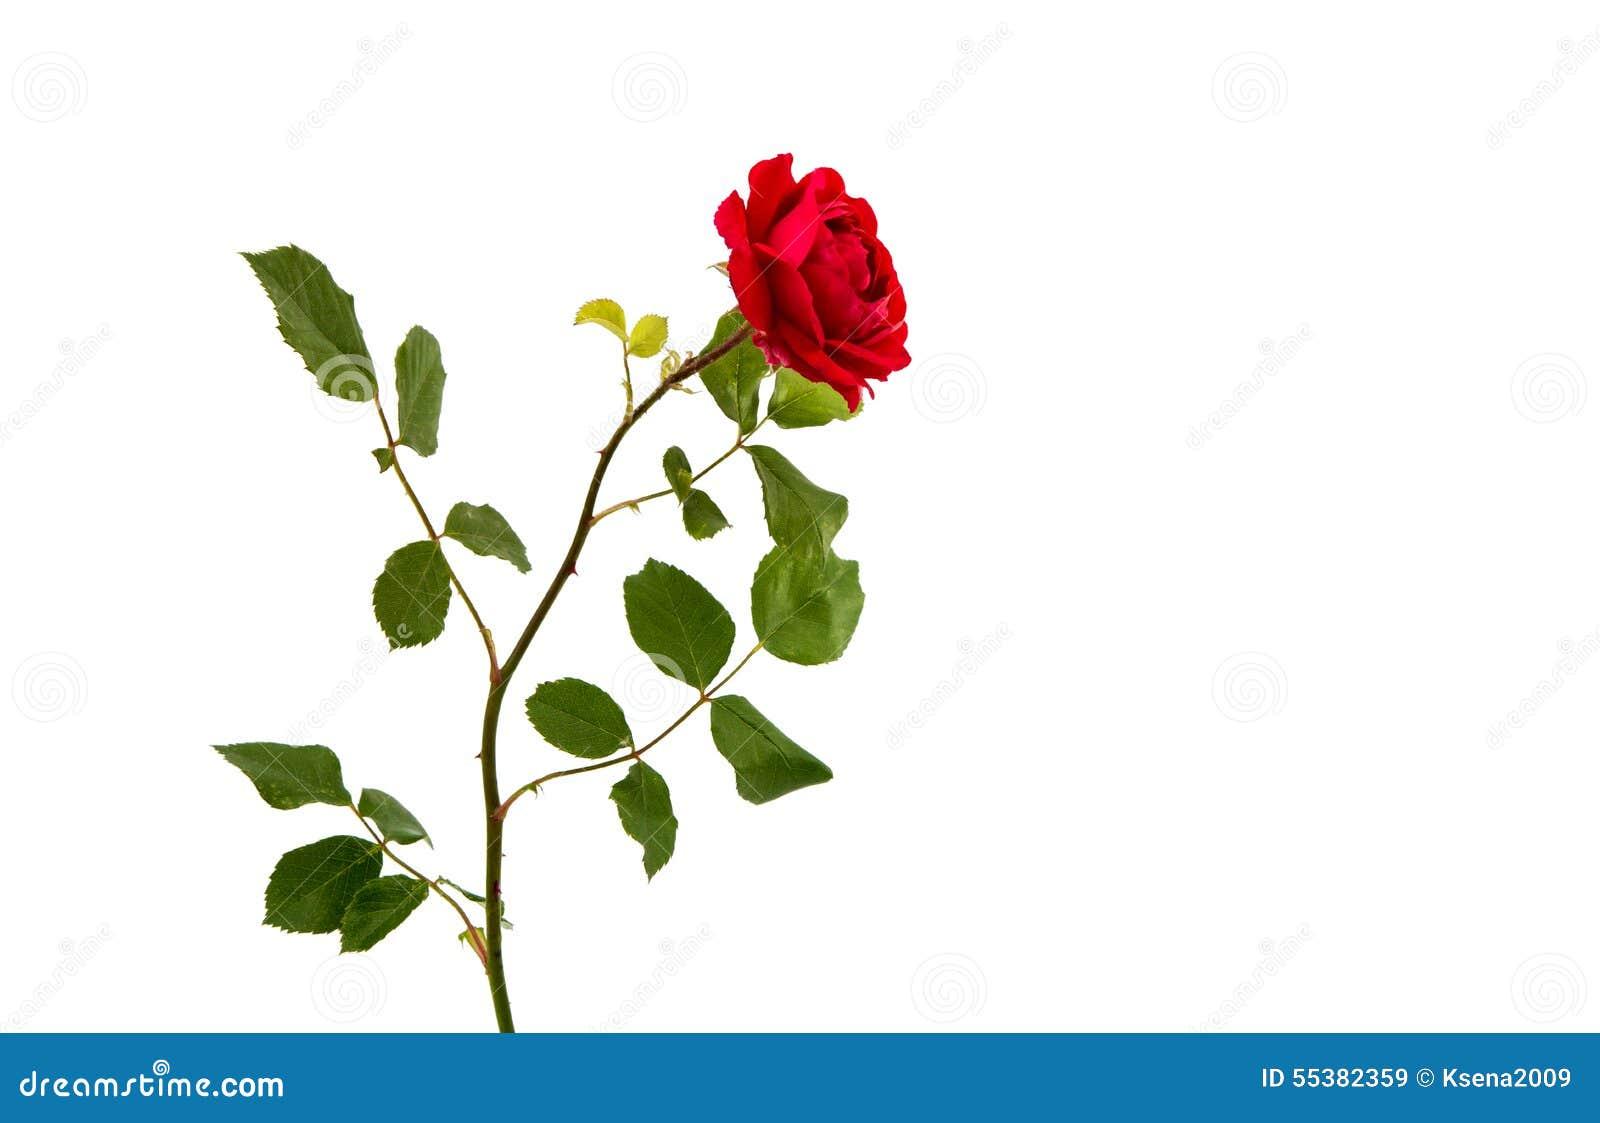 Czerwona róża odizolowana